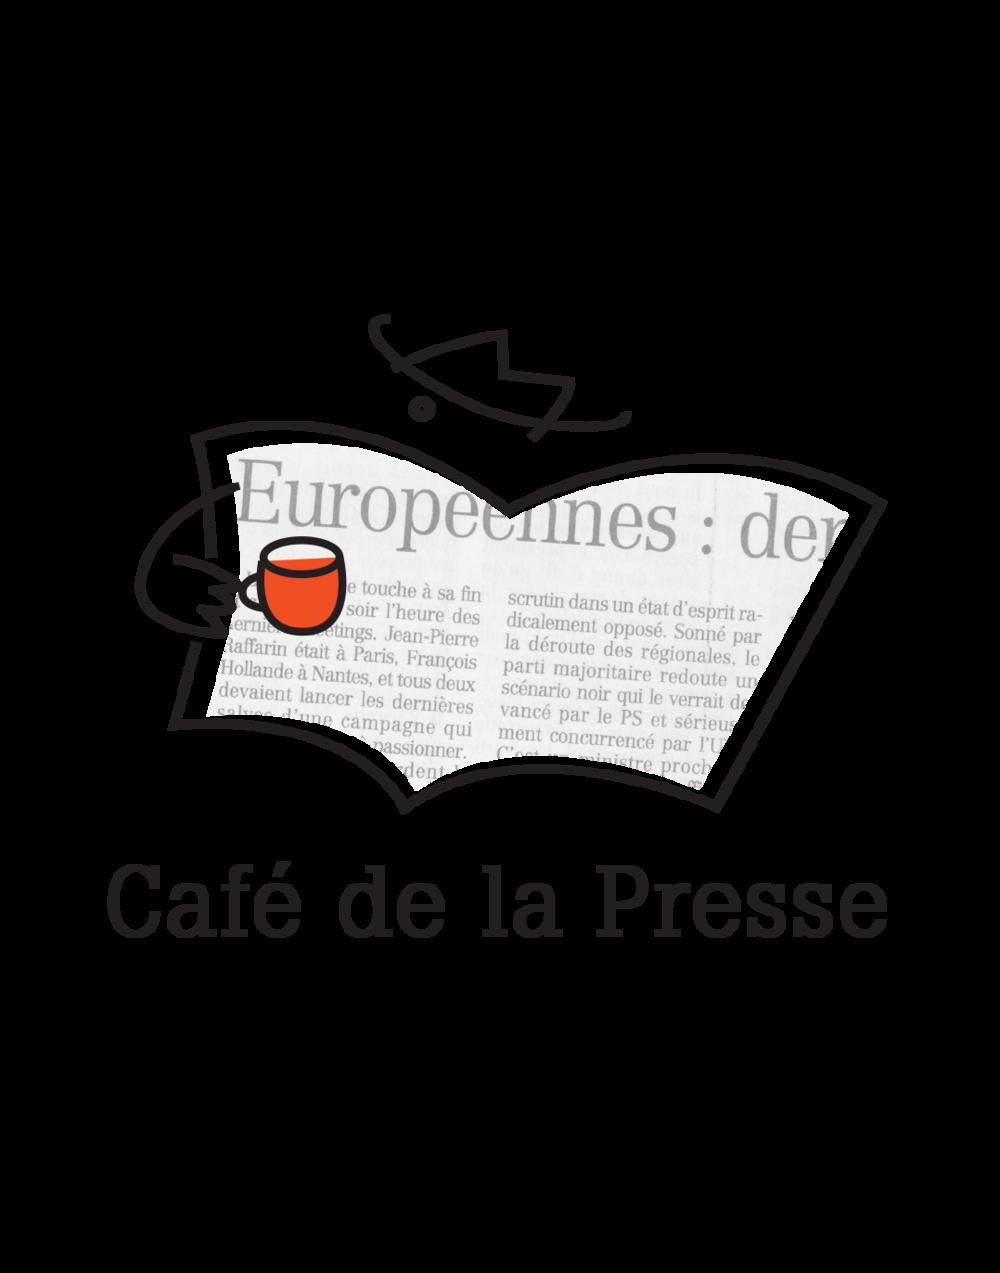 cafe_de_la_presse_logo.png